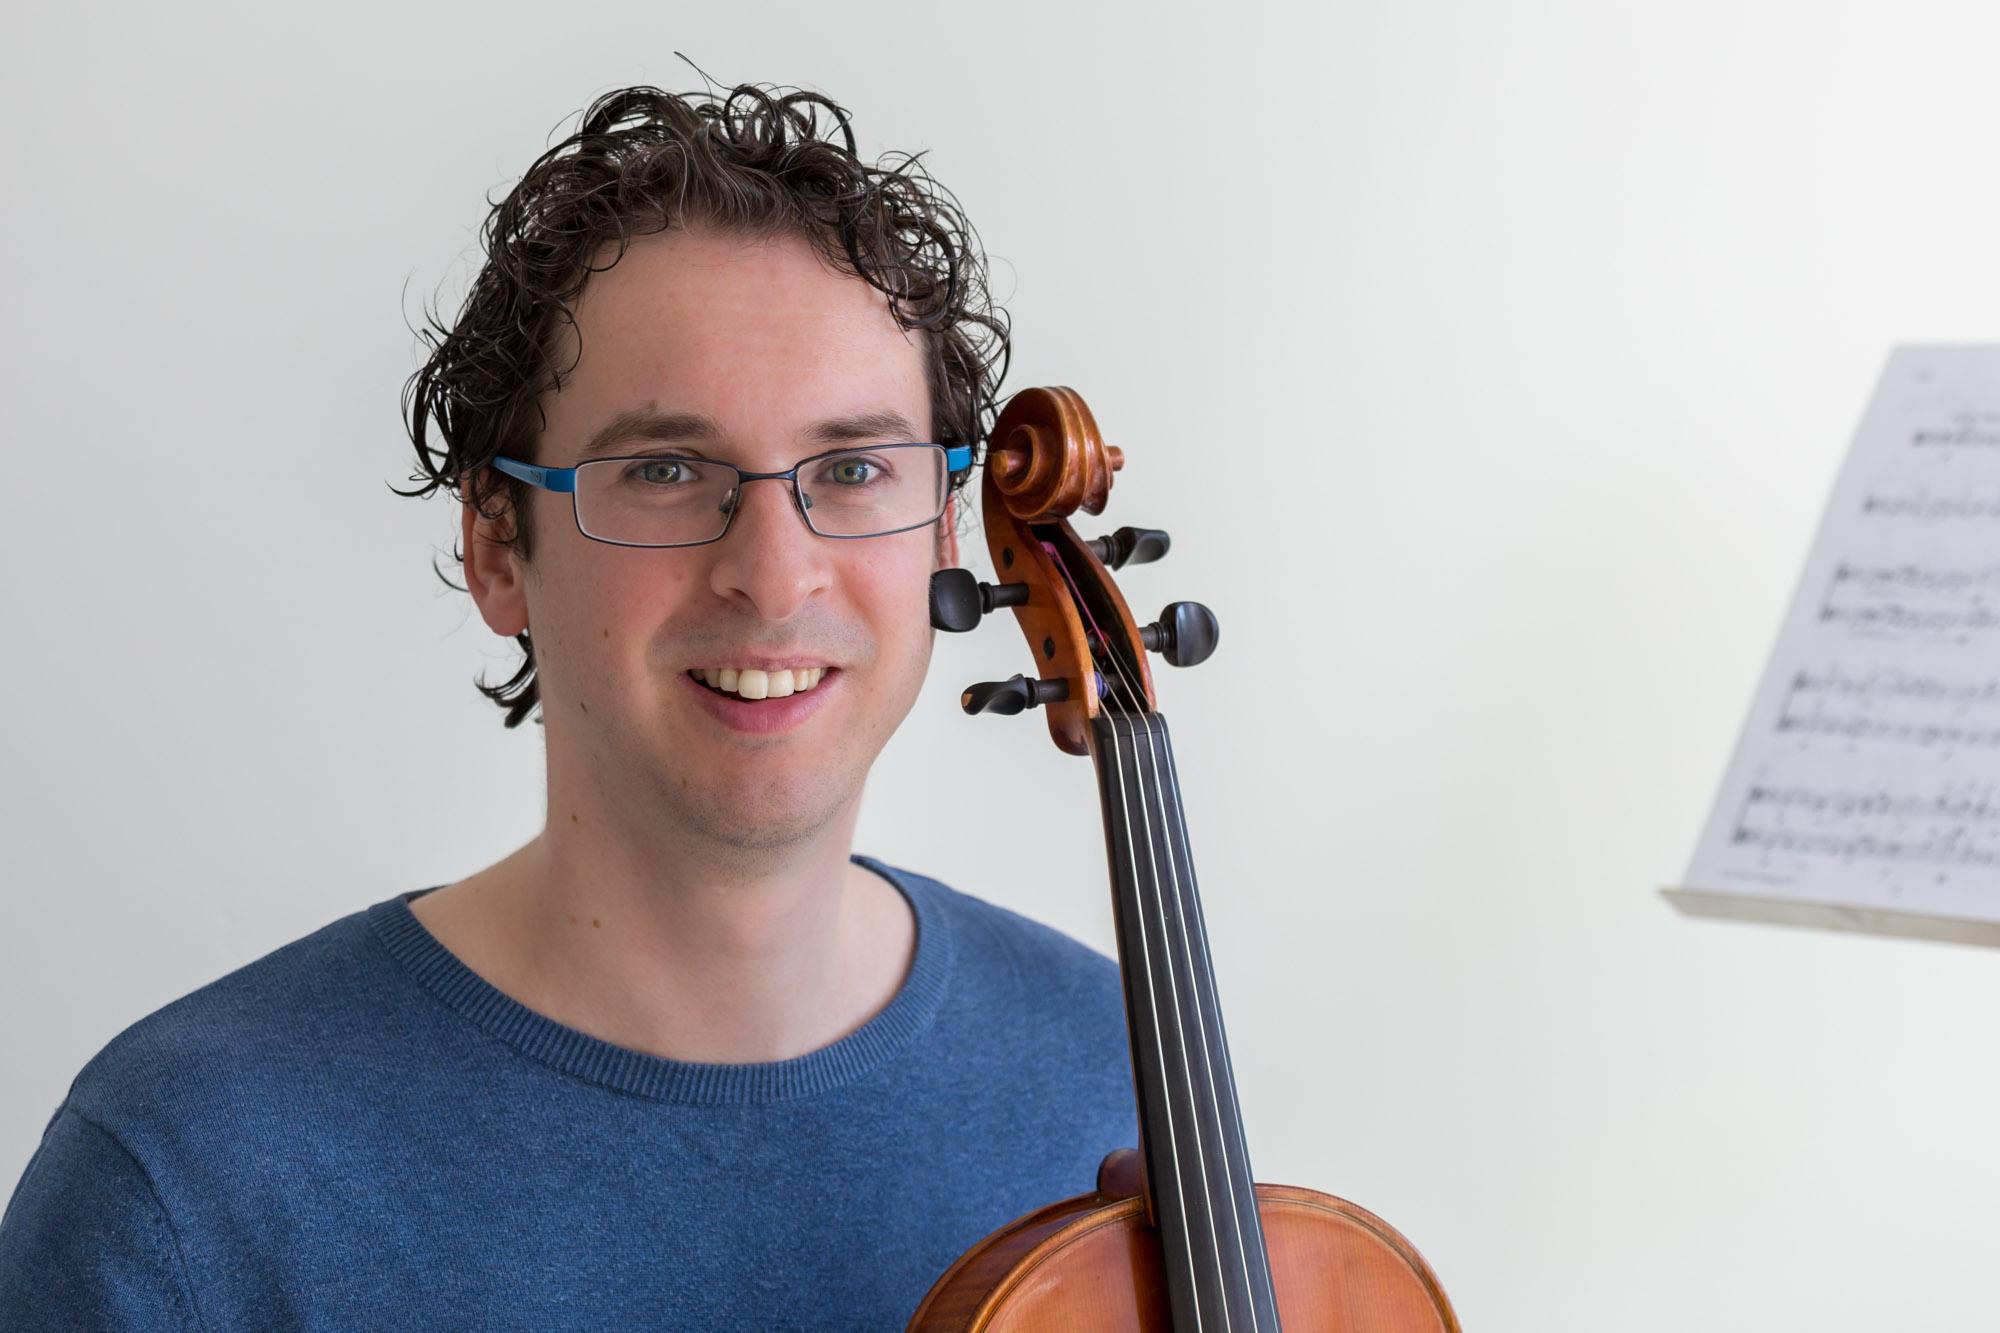 portret van man met viool door mayrafotografie